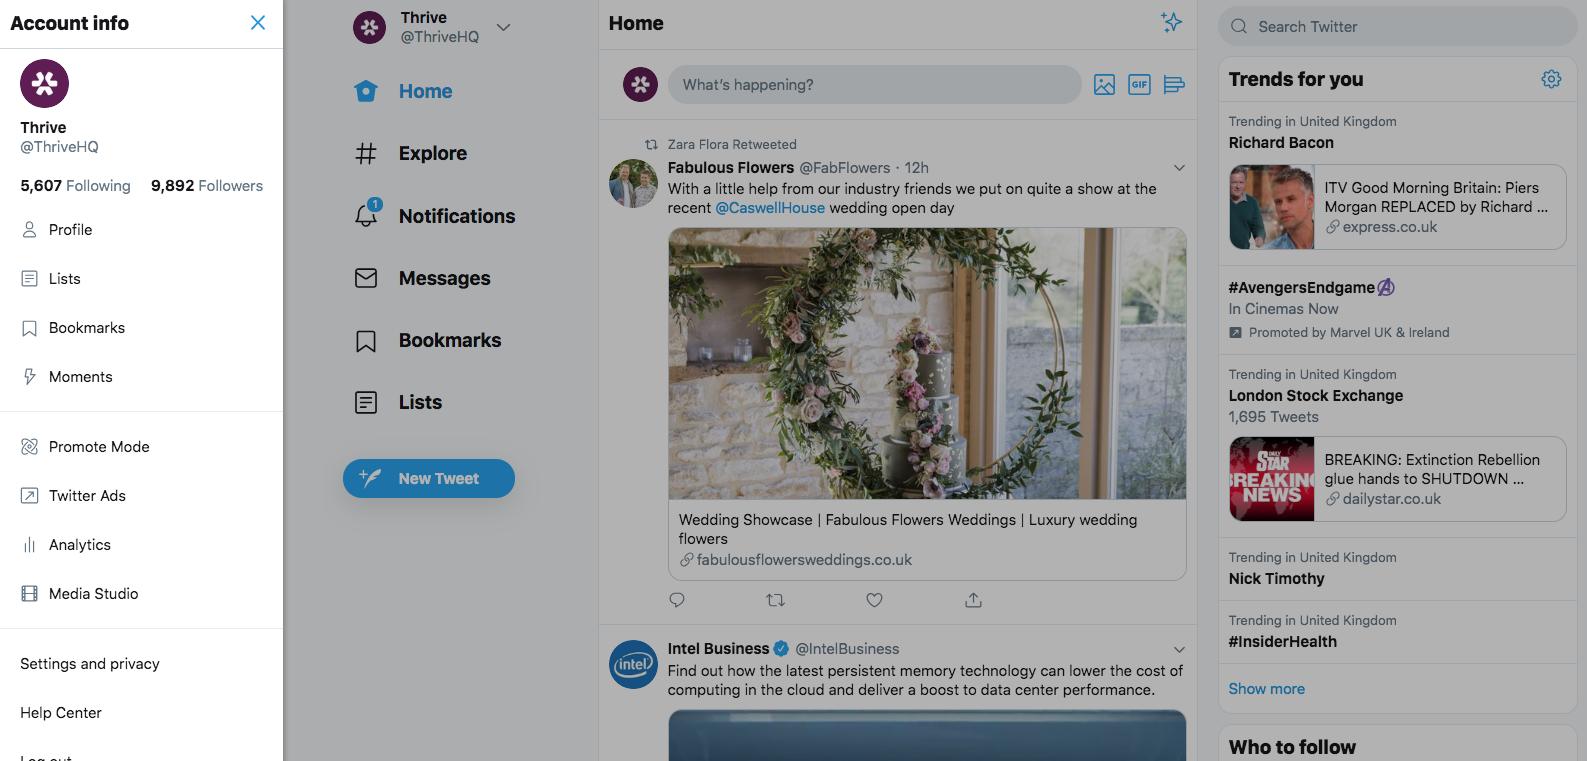 A Sneak Peek at Twitter's New Desktop Layout